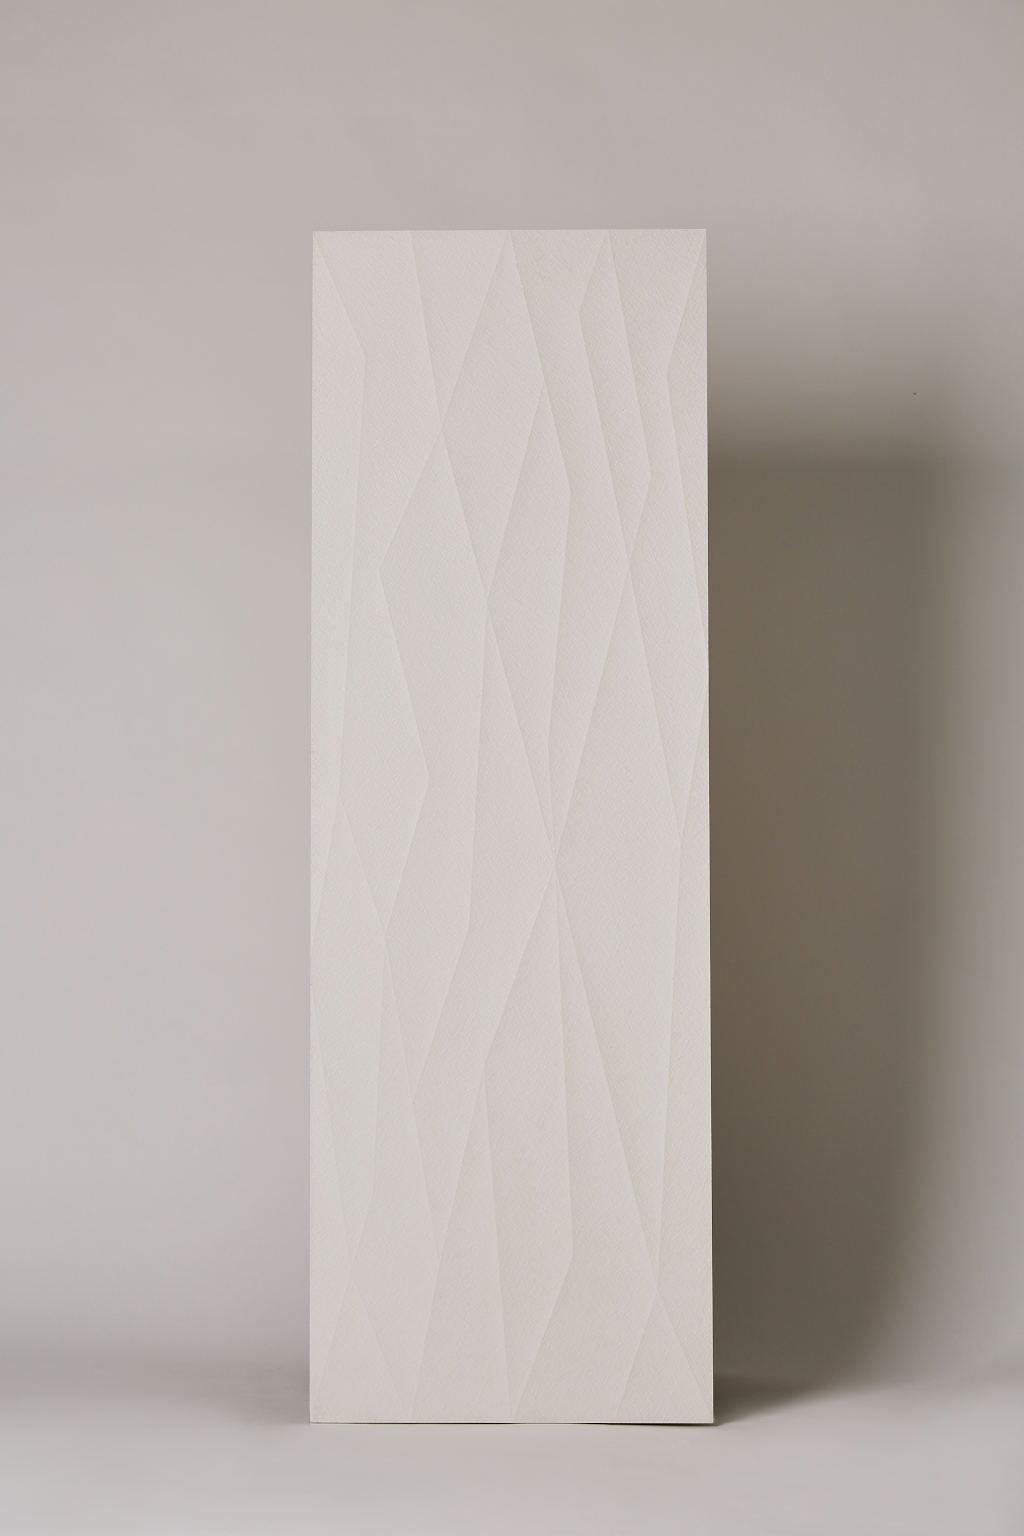 Płytka hiszpańska, gresowa, rektyfikowana, dekoracyjna, matowa, ścienna, rozmiar 40x120cm- Ape Click white net